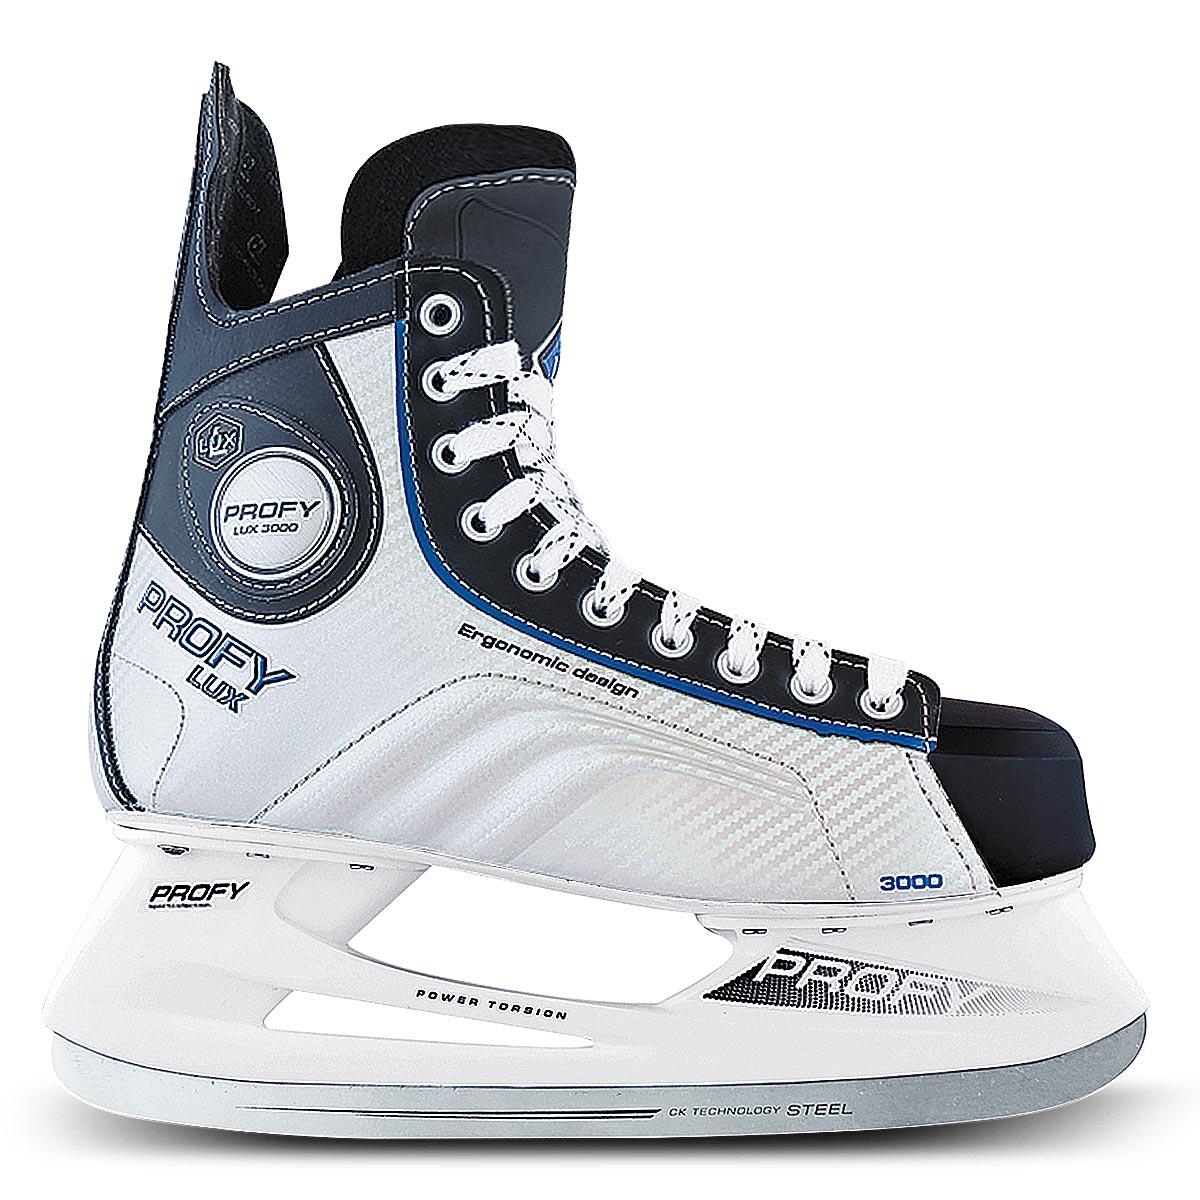 Коньки хоккейные мужские СК Profy Lux 3000, цвет: черный, серебряный, синий. Размер 42PROFY LUX 3000 Blue_42Стильные мужские коньки от CK Profy Lux 3000 Blue прекрасно подойдут для начинающих игроков в хоккей. Ботинок выполнен из морозоустойчивой искусственной кожи и резистентного ПВХ. Мыс дополнен вставкой, которая защитит ноги от ударов. Внутренний слой и стелька изготовлены из мягкого трикотажа, который обеспечит тепло и комфорт во время катания, язычок - из войлока. Плотная шнуровка надежно фиксирует модель на ноге. Голеностоп имеет удобный суппорт. По бокам, на язычке и заднике коньки декорированы принтом и тиснением в виде логотипа бренда. Подошва - из твердого пластика. Стойка выполнена из ударопрочного поливинилхлорида. Лезвие из углеродистой нержавеющей стали обеспечит превосходное скольжение.